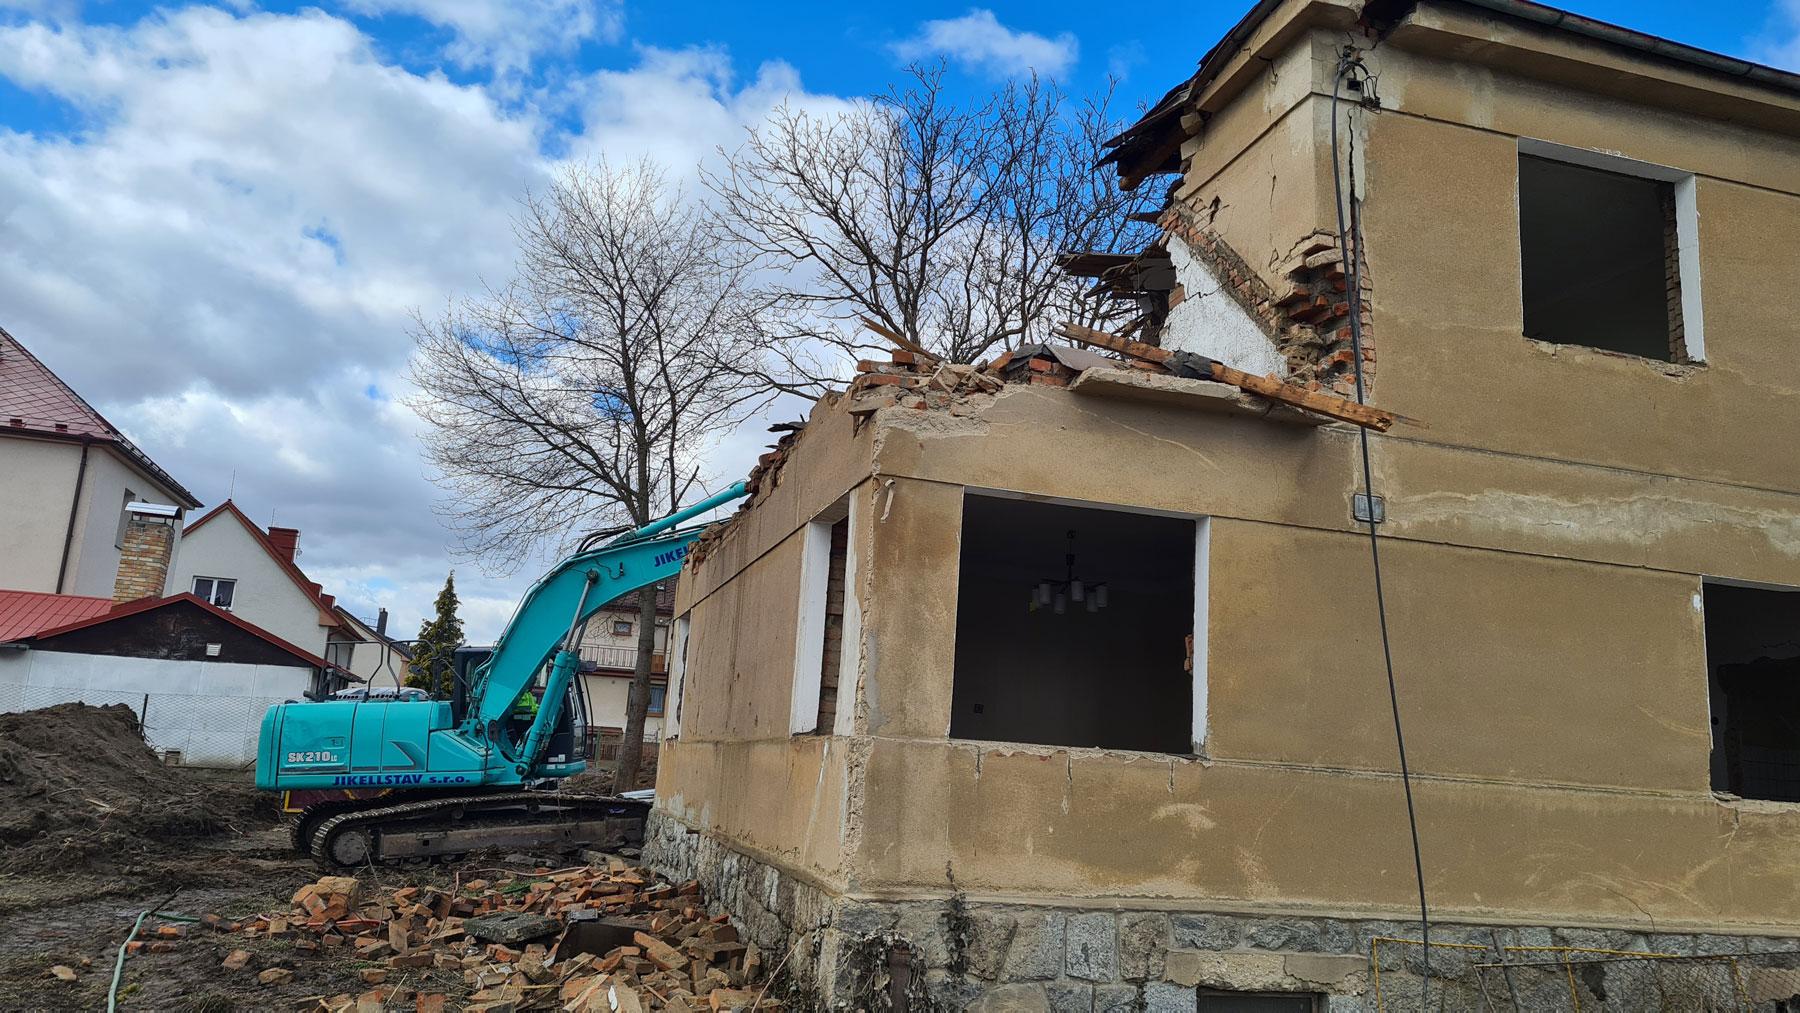 Nove-byty-Klatovy-ukonceni-demolice-Rezidence-pod-Sumavou (2)